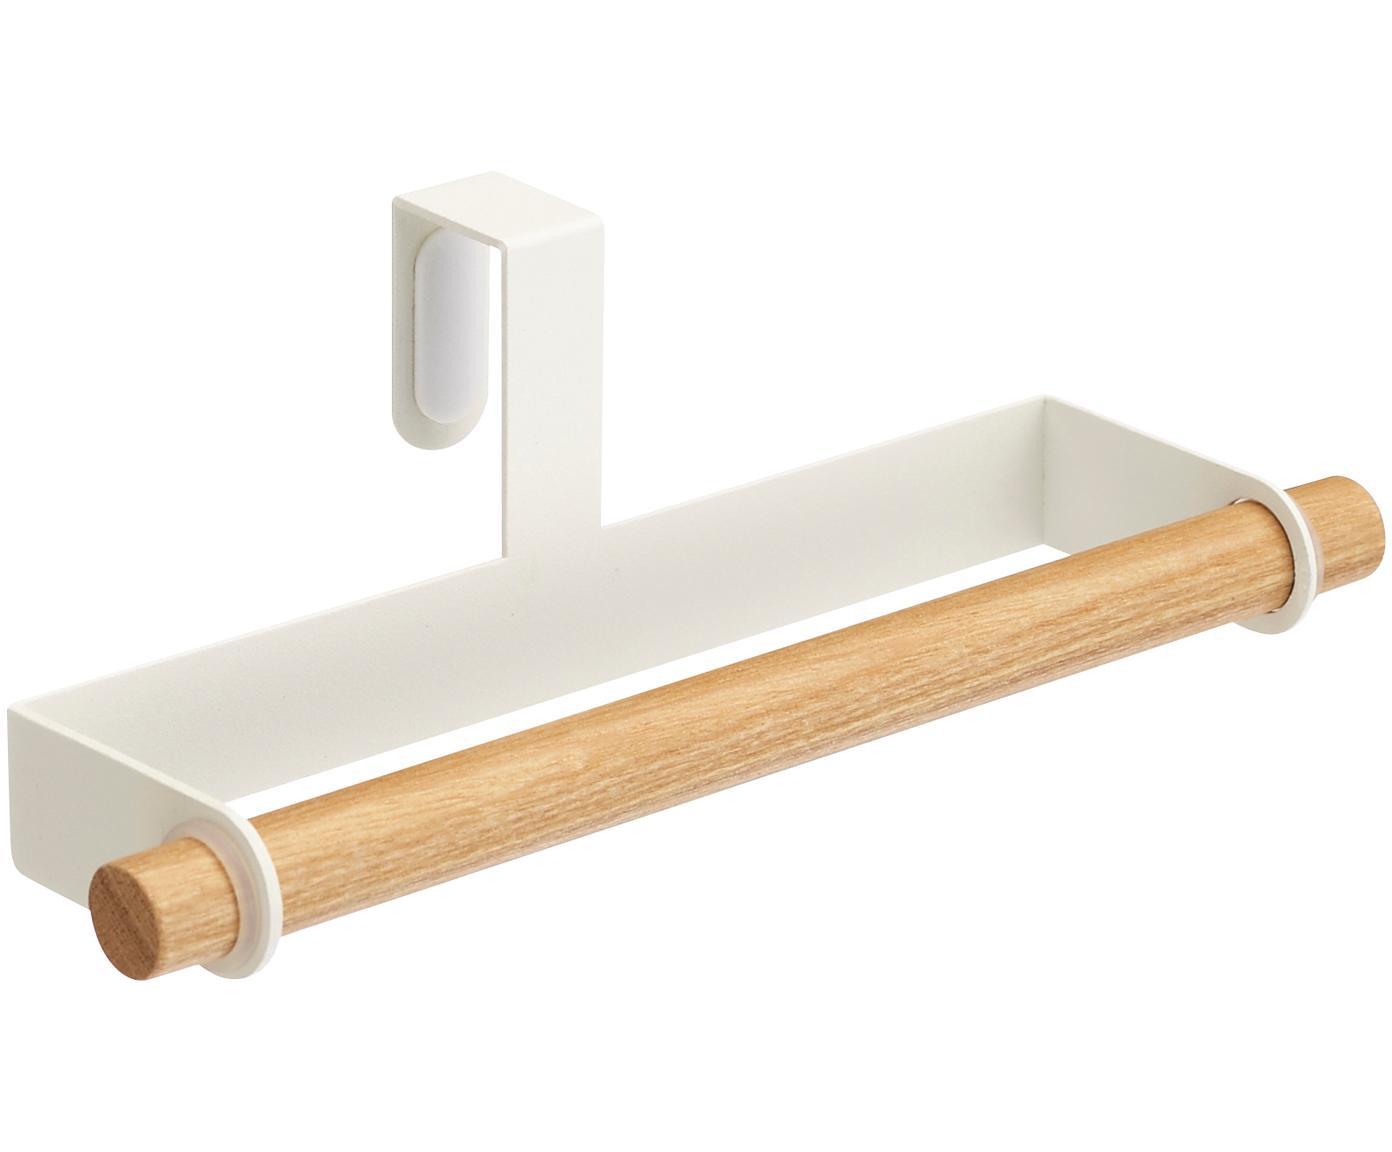 Porta asciugamani Tosca, Asta: acciaio rivestito, Asta: legno, Bianco, legno, Larg. 19 x Alt. 6 cm